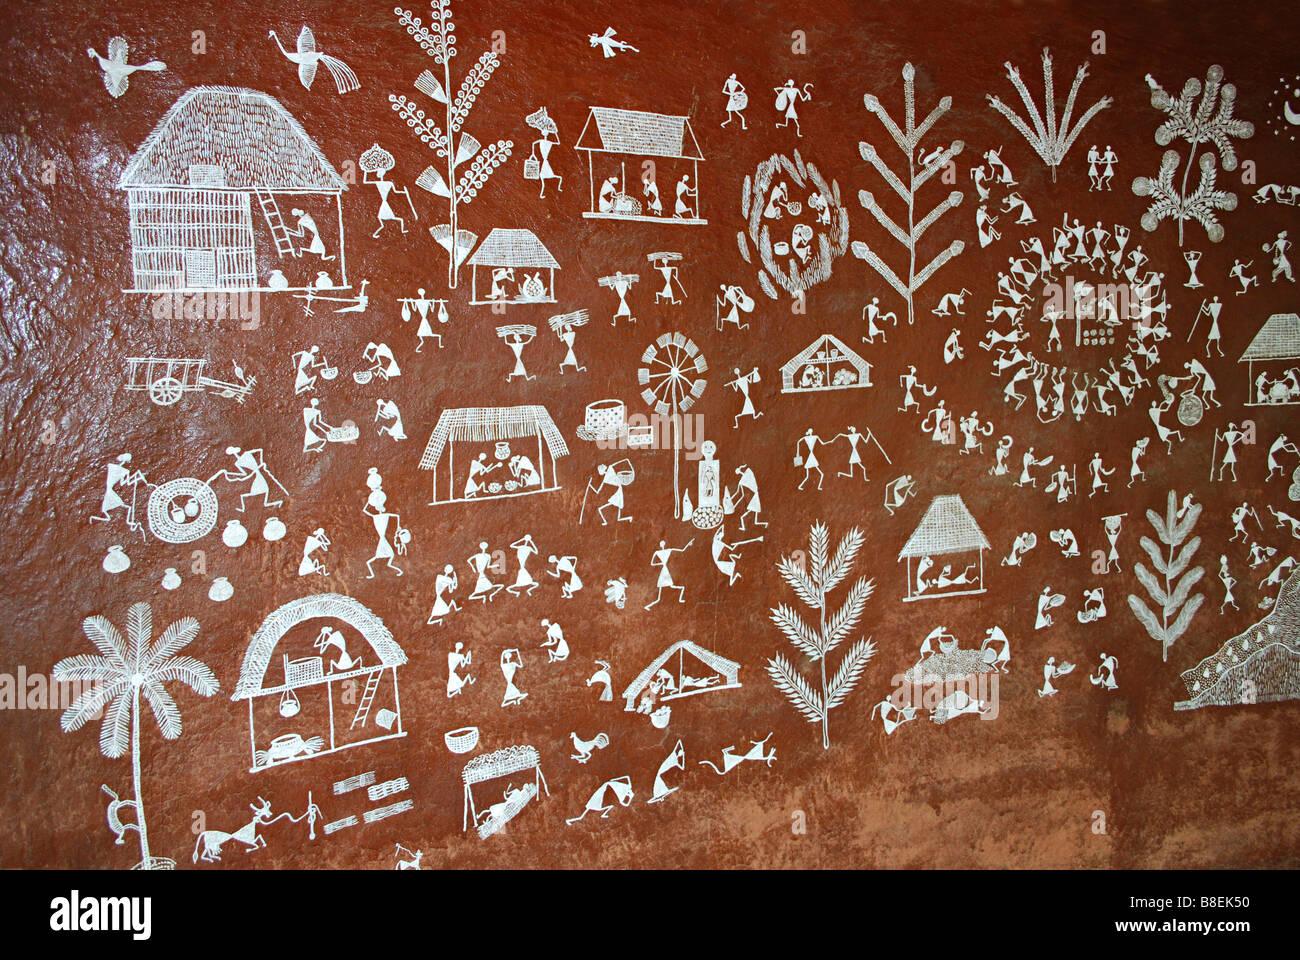 Warli Painting at Manav Sangrahalaya, Bhopal, Madhya Pradesh, India. - Stock Image